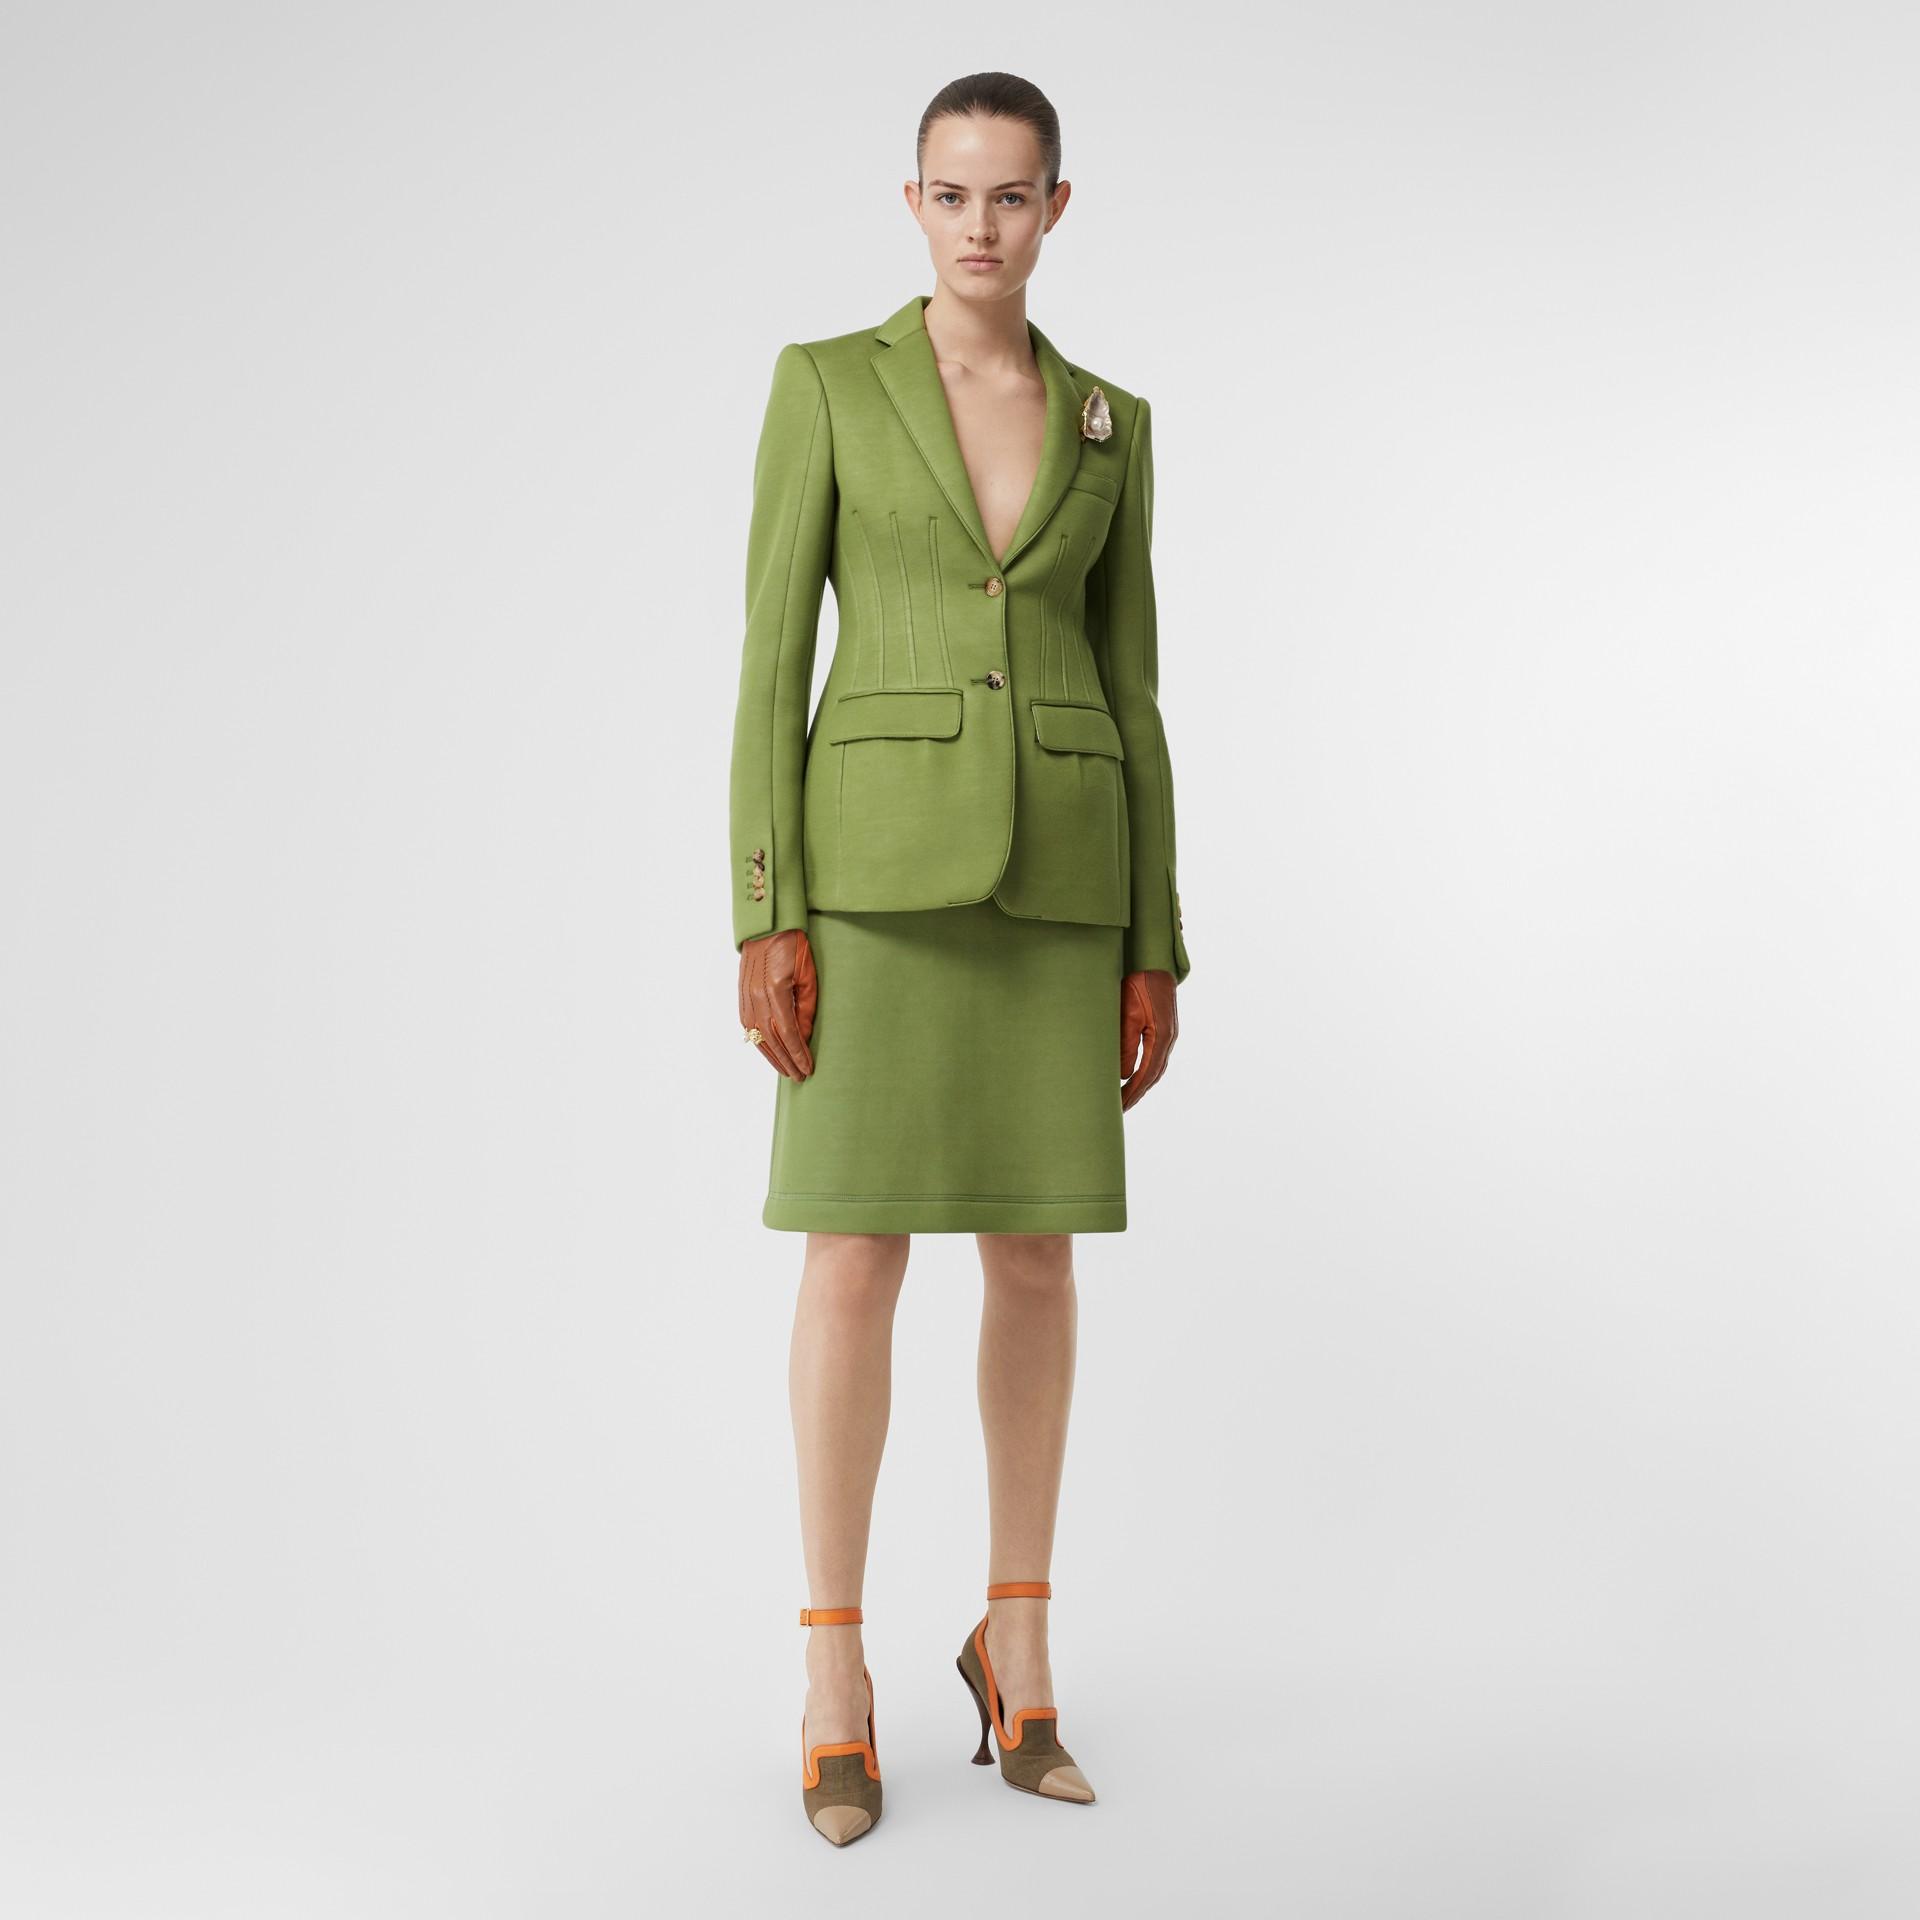 Double-faced Neoprene Tailored Jacket in Cedar Green - Women | Burberry - gallery image 0